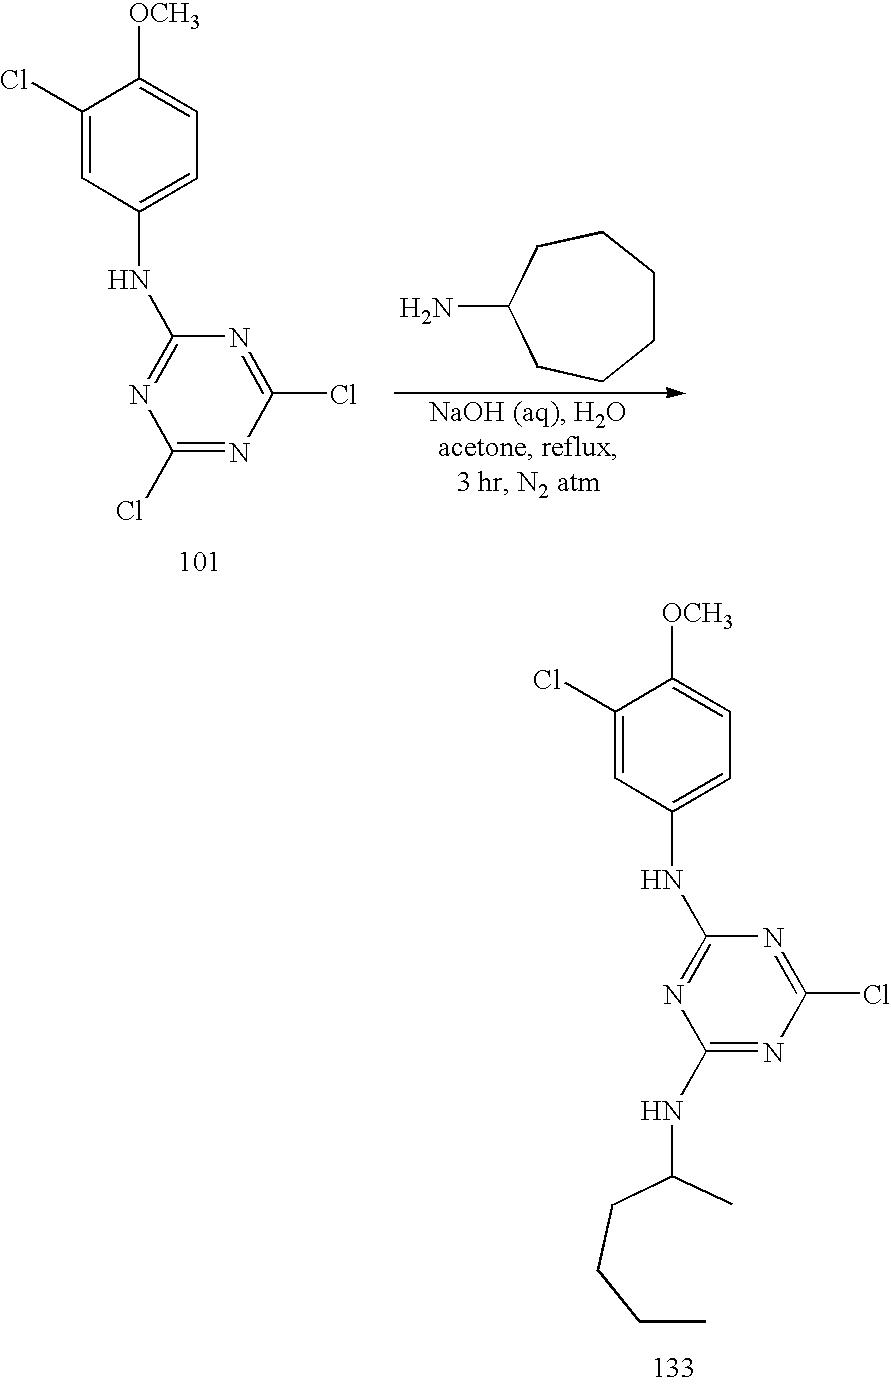 Figure US20050113341A1-20050526-C00171